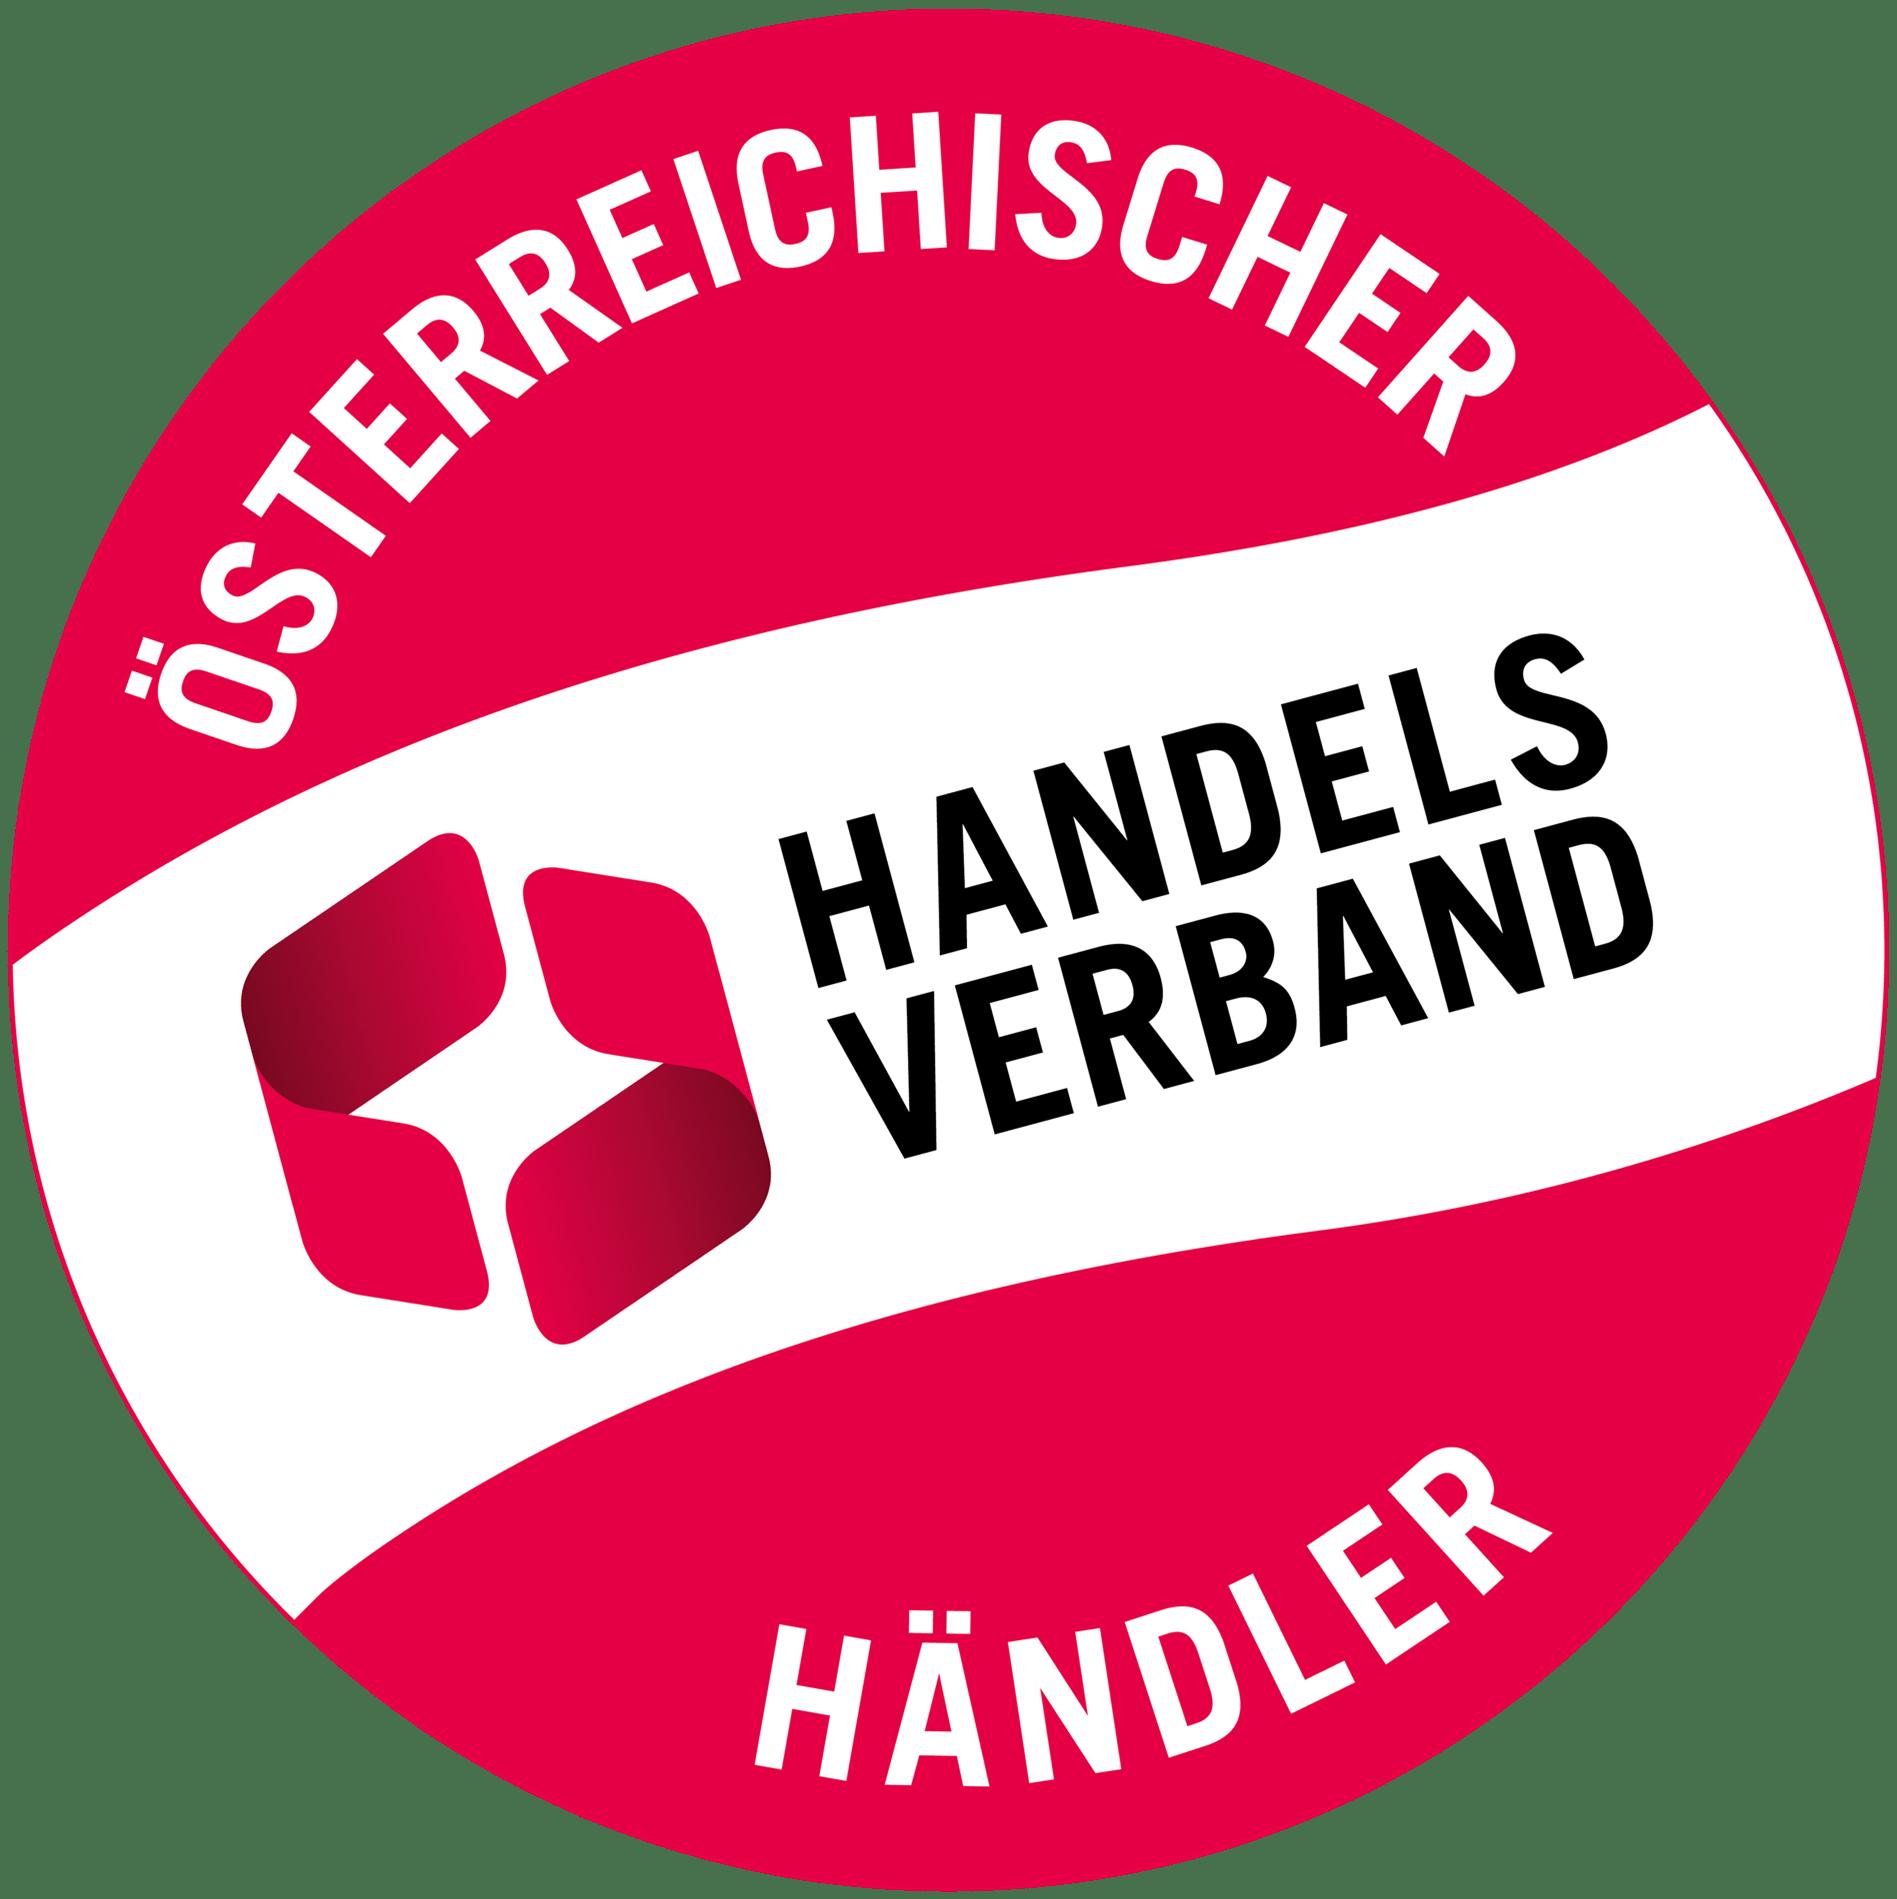 Österreichischer Handelsverband Händler